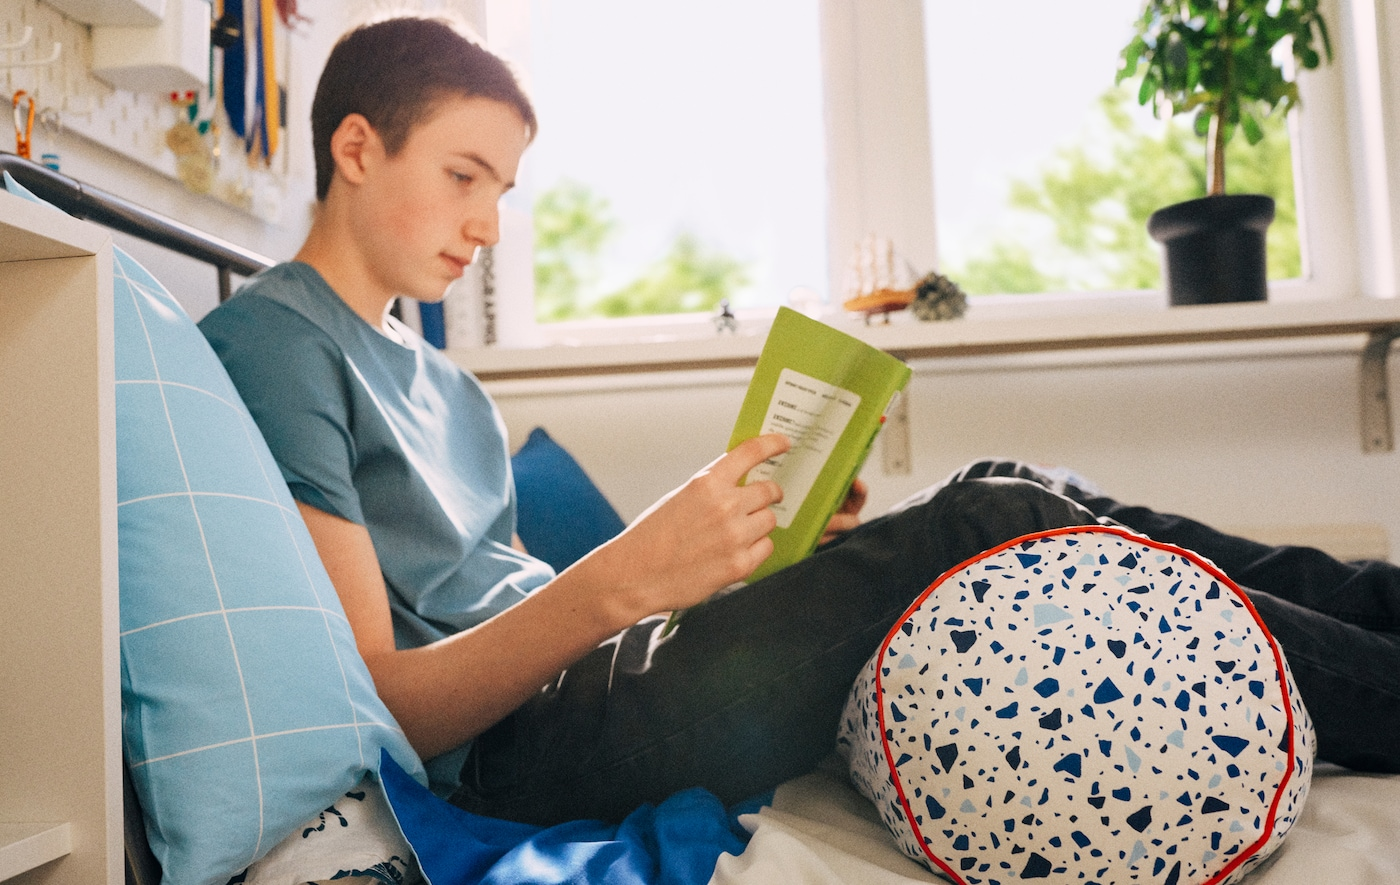 Niño leyendo en la cama, con la espalda apoyada en una almohada y las piernas sobre un cojín MÖJLIGHET.